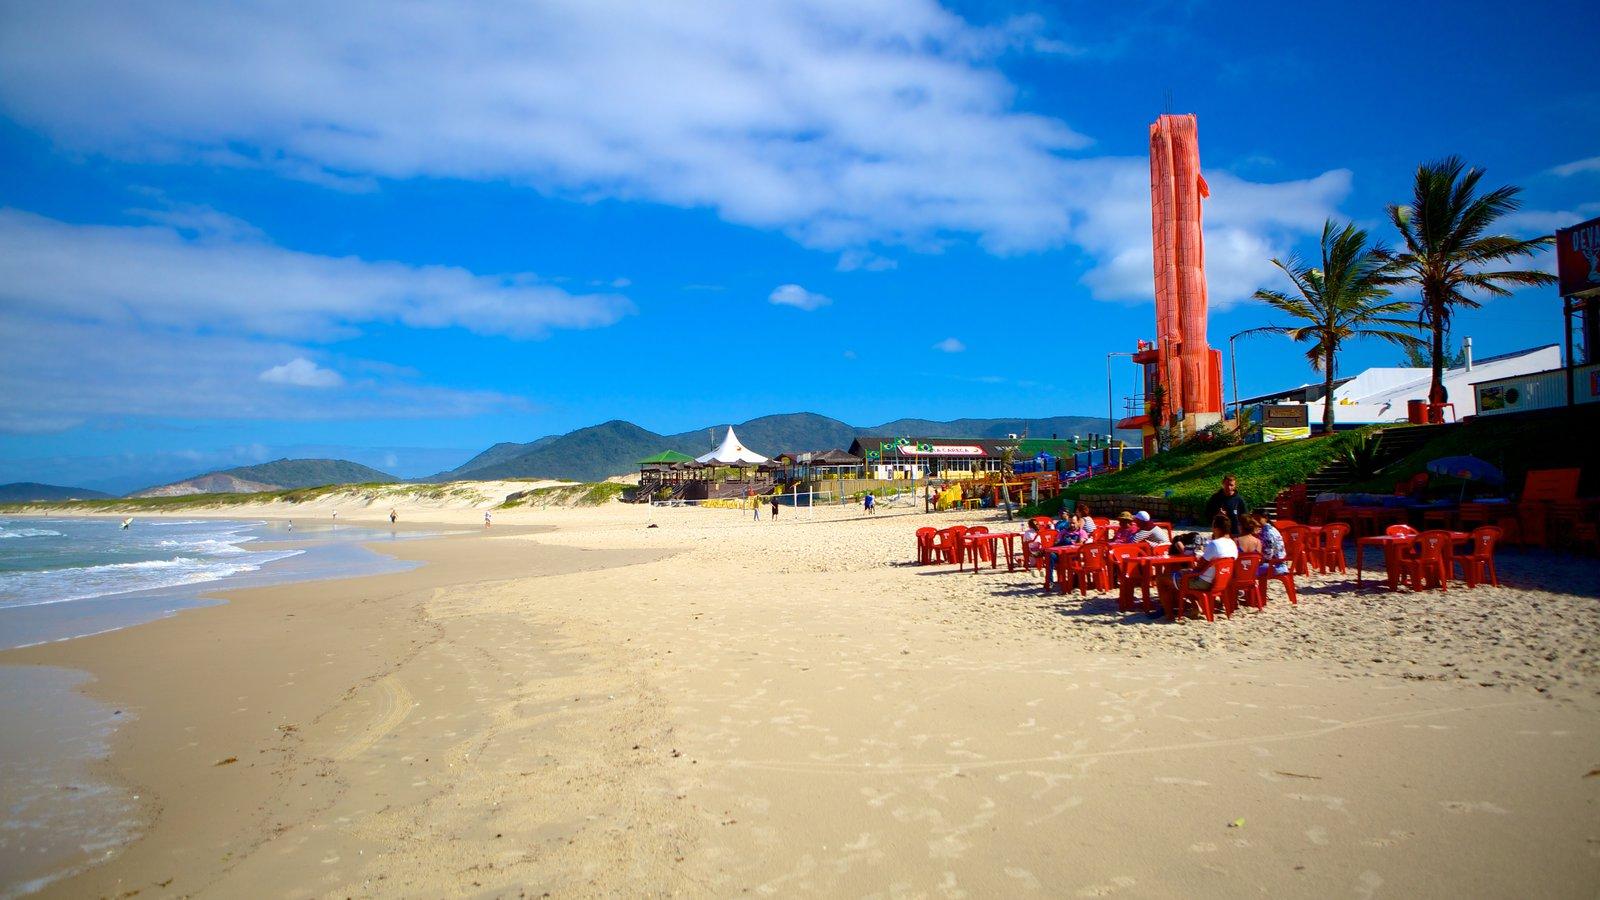 Praia da Joaquina que inclui uma praia